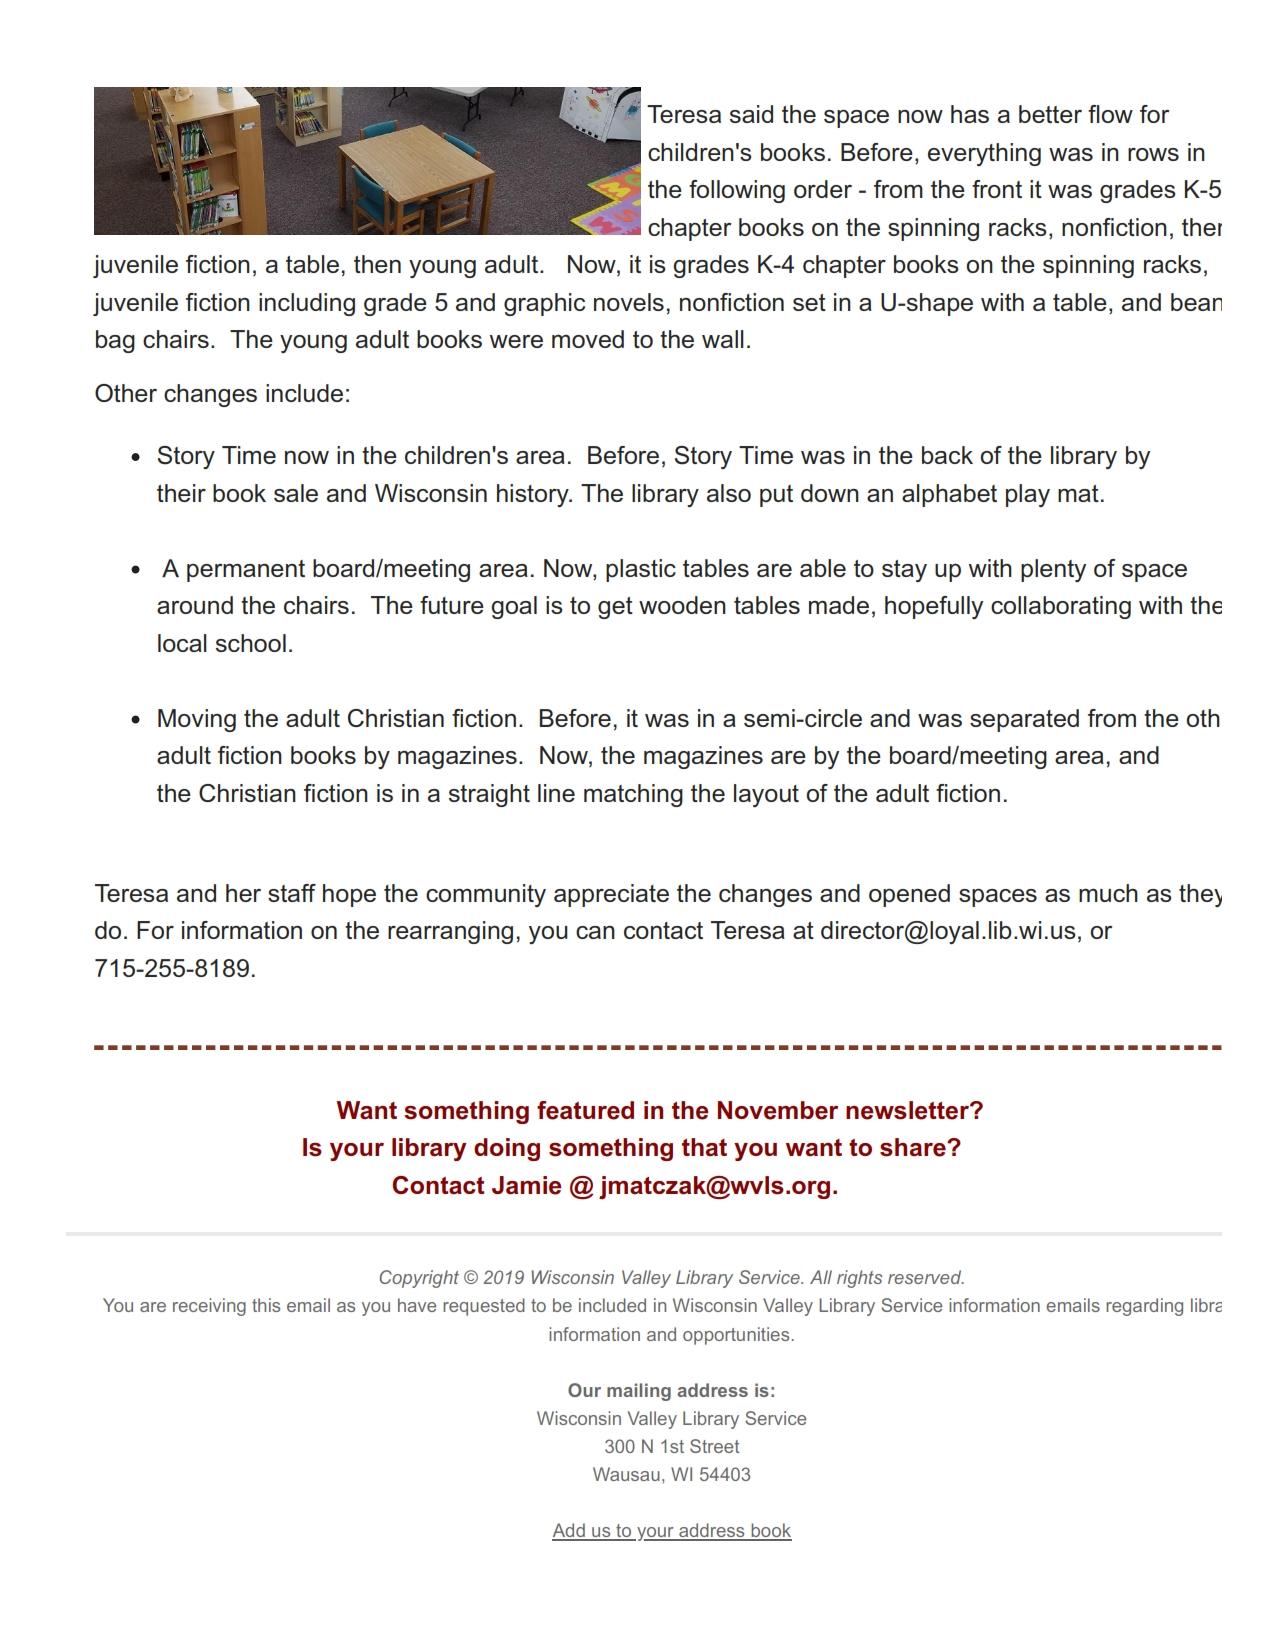 WVLS October Newsletter_005